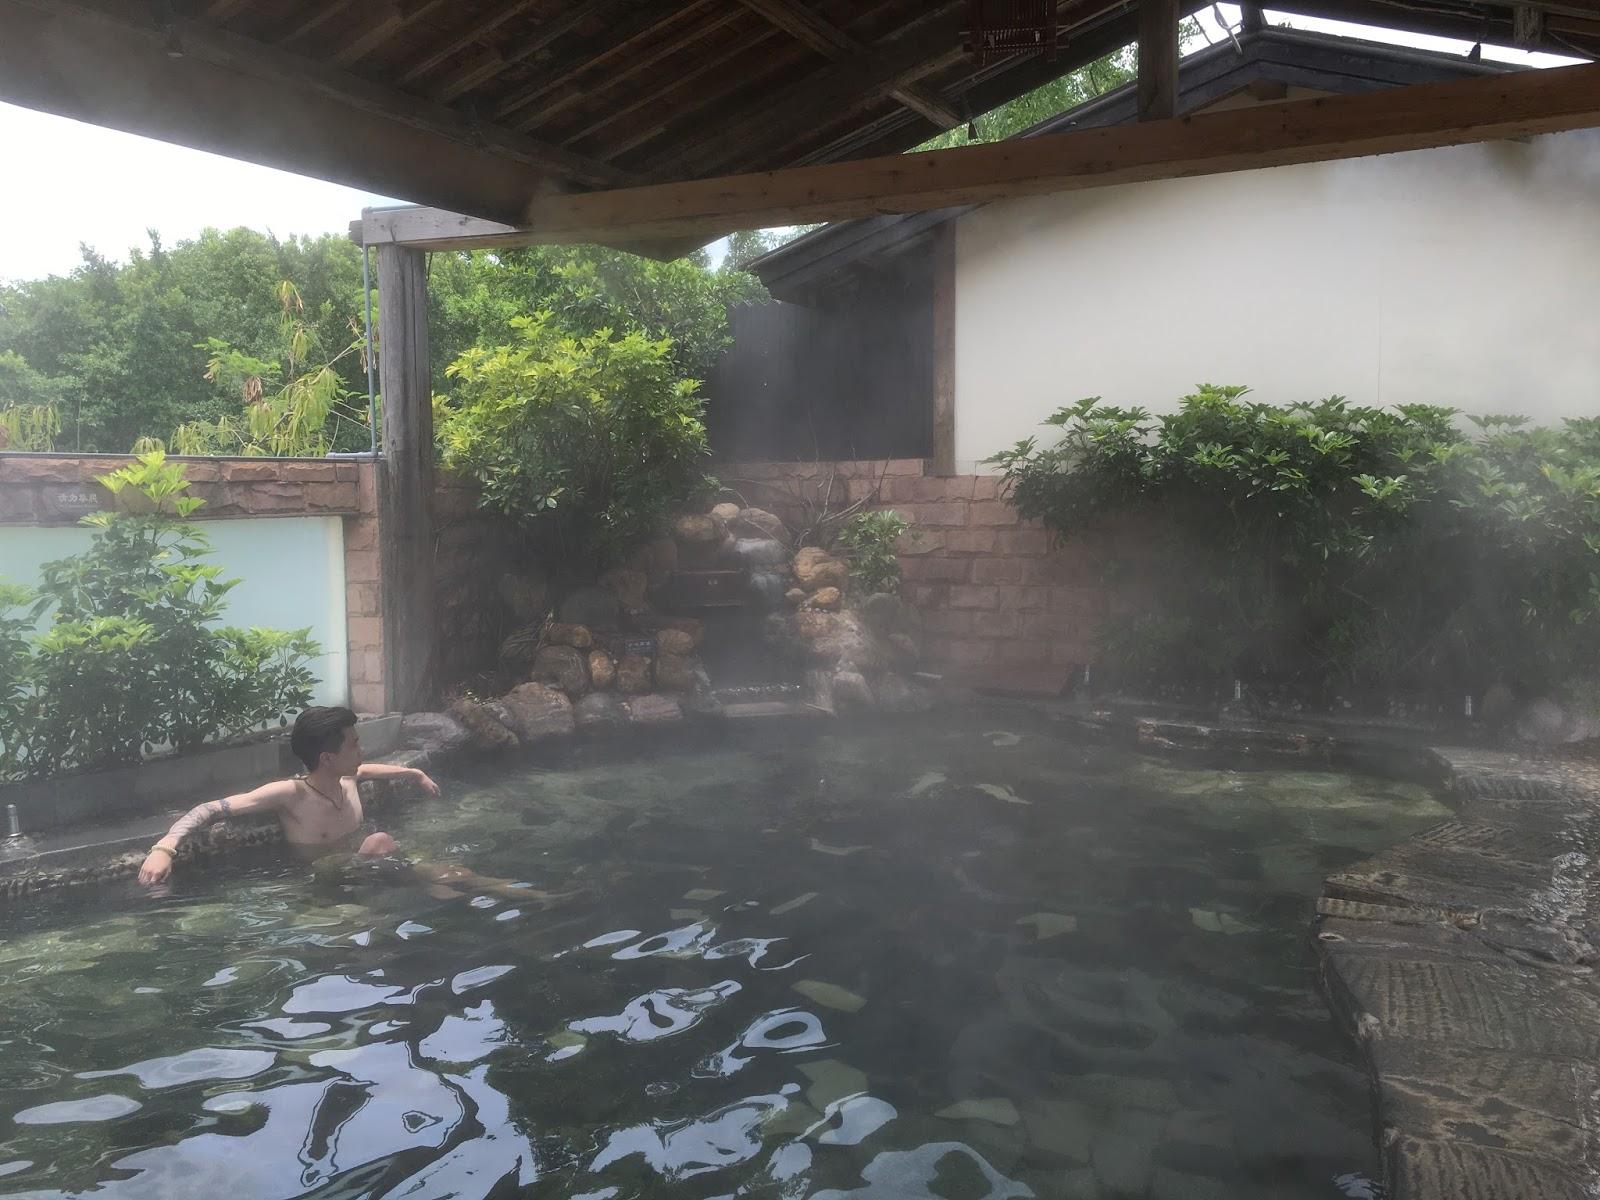 【生活指南】珠海御溫泉渡假村 2 日 1 夜輕鬆遊 | 乜都寫 – U Blog 博客